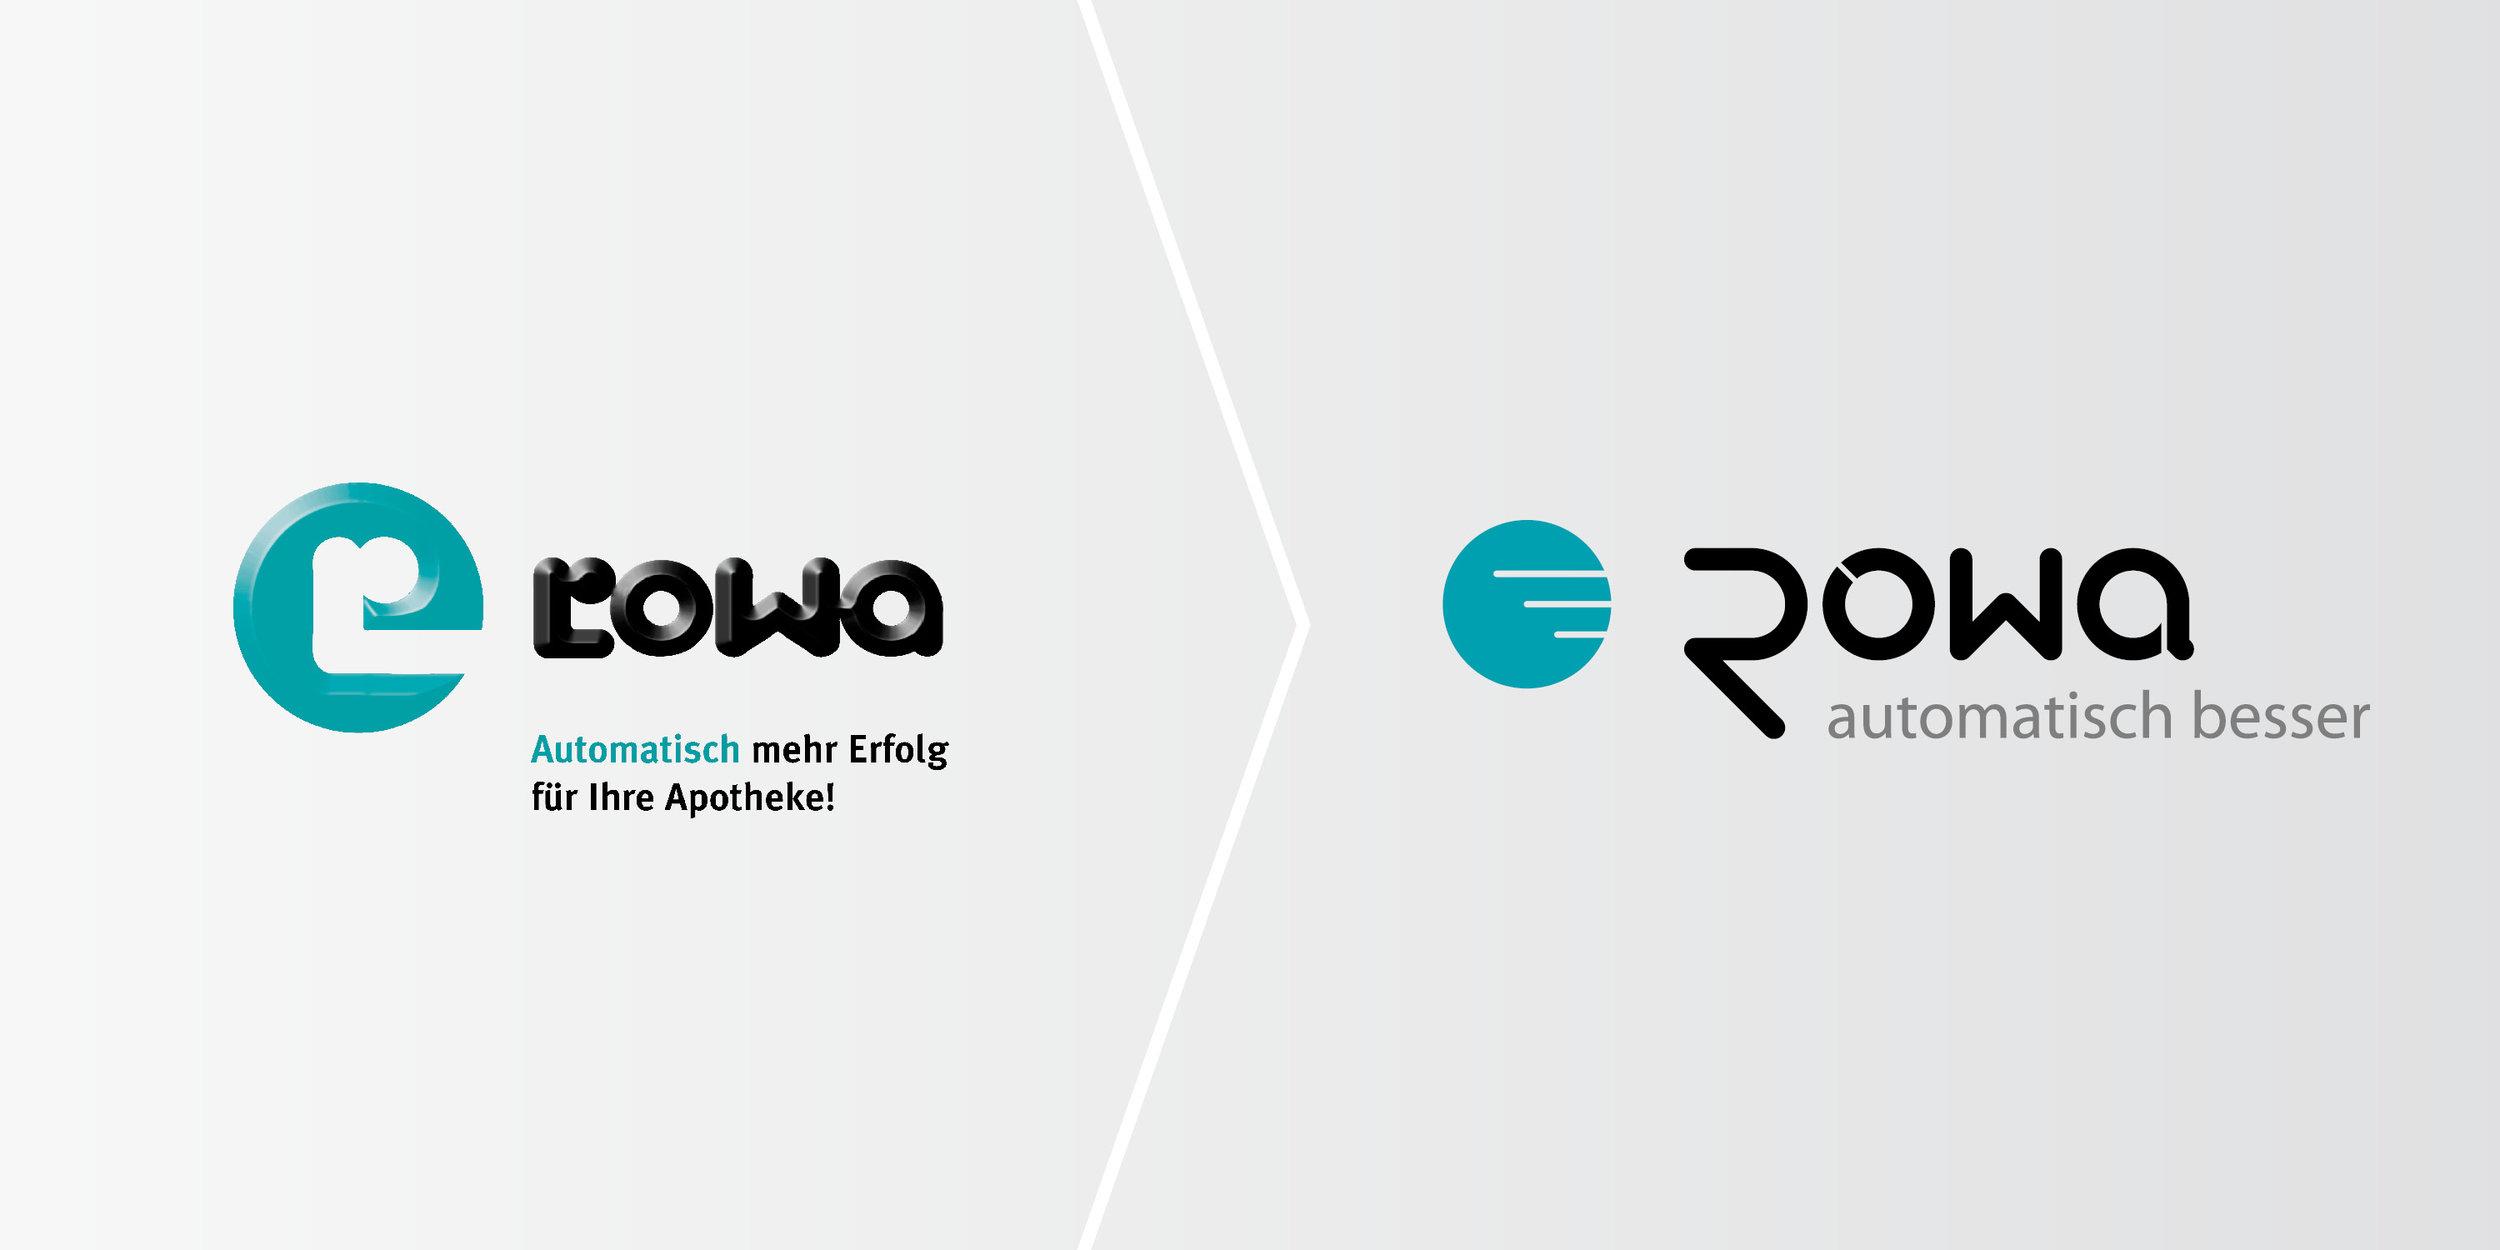 Rowa Corporate Design 02.jpg